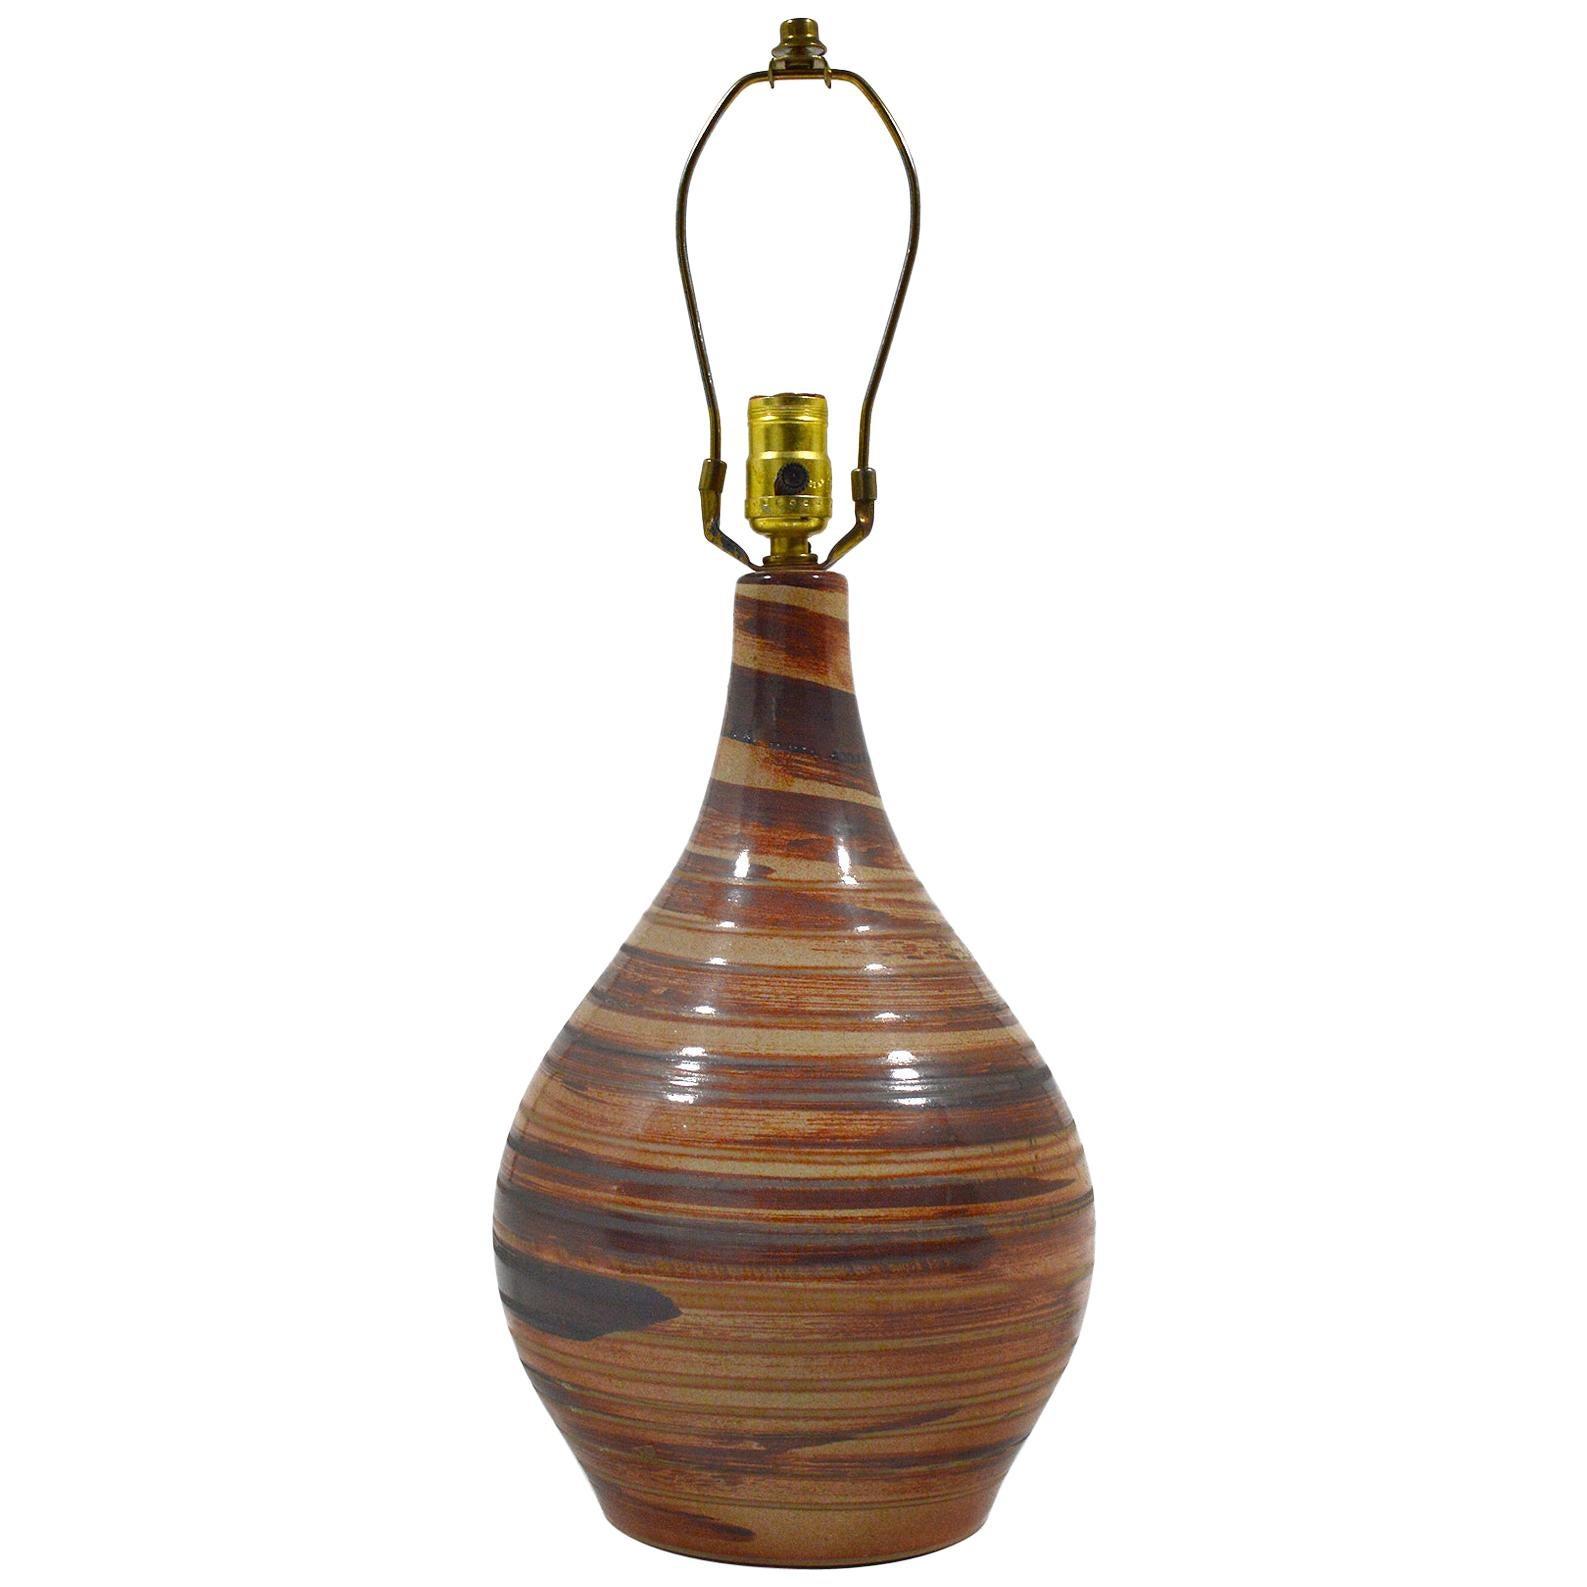 Martz Model 101 Table Lamp for Marshall Studios